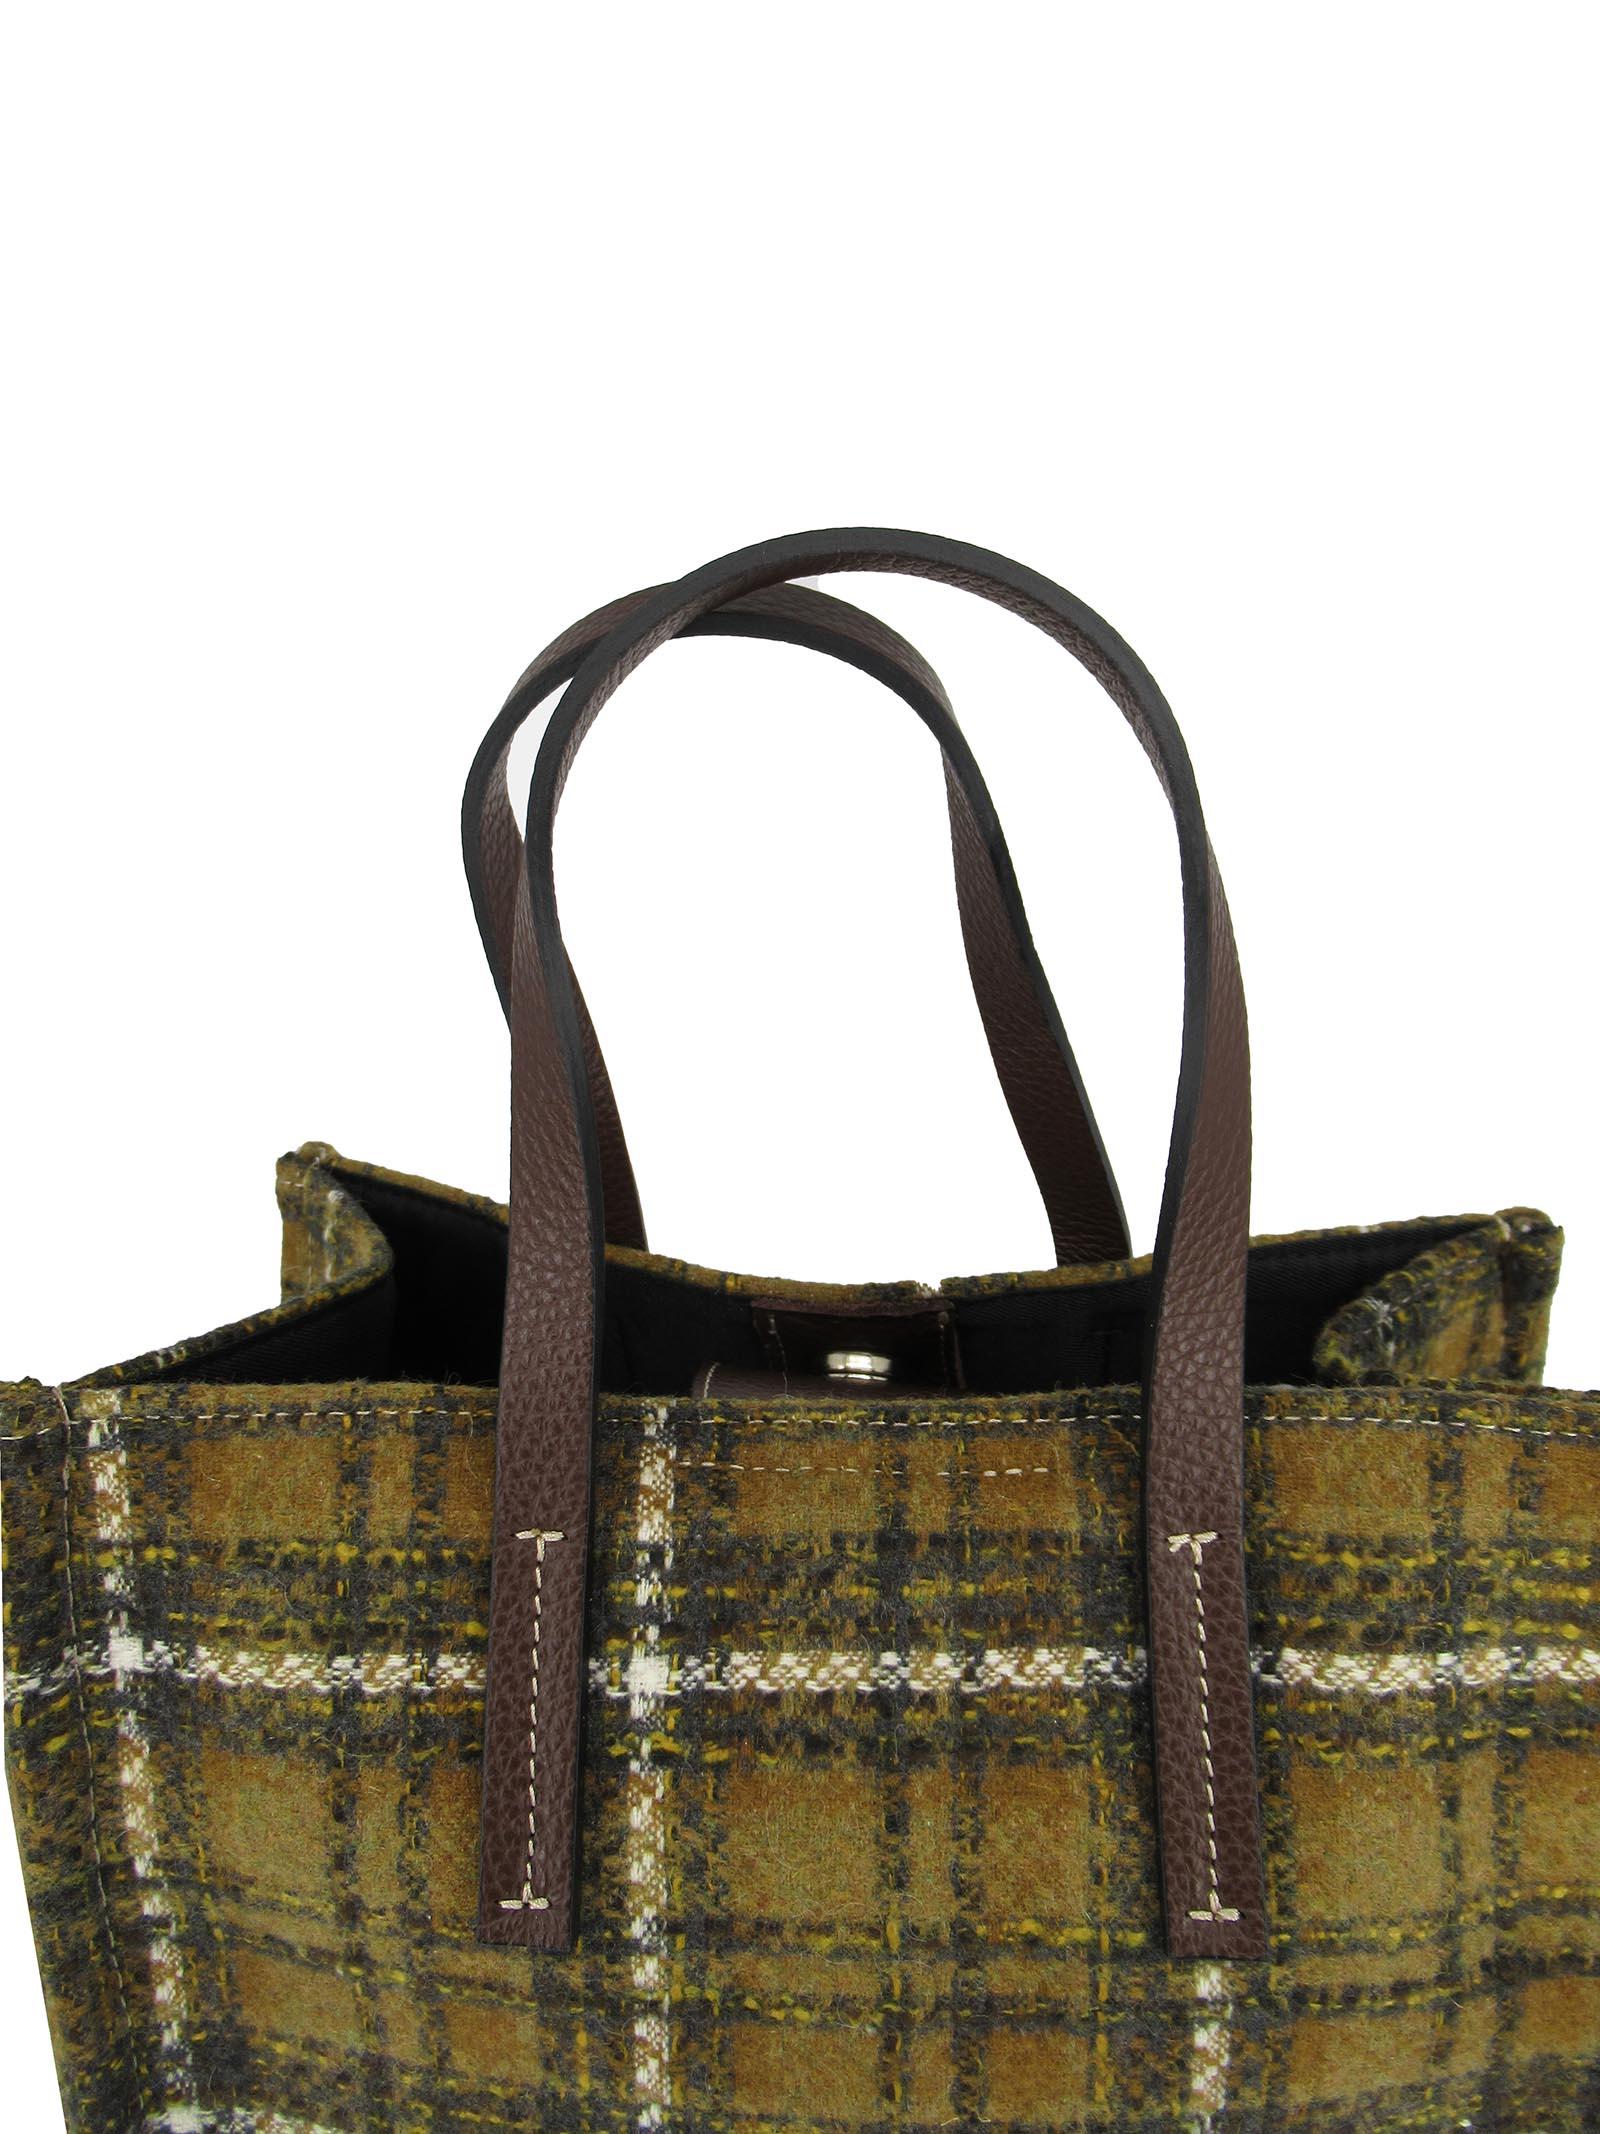 Borse Donna Mini Bag in Tessuto Madras Senape con Manici in Pelle Senape Kassiopea | Borse e zaini | 1/2 UMILTA465